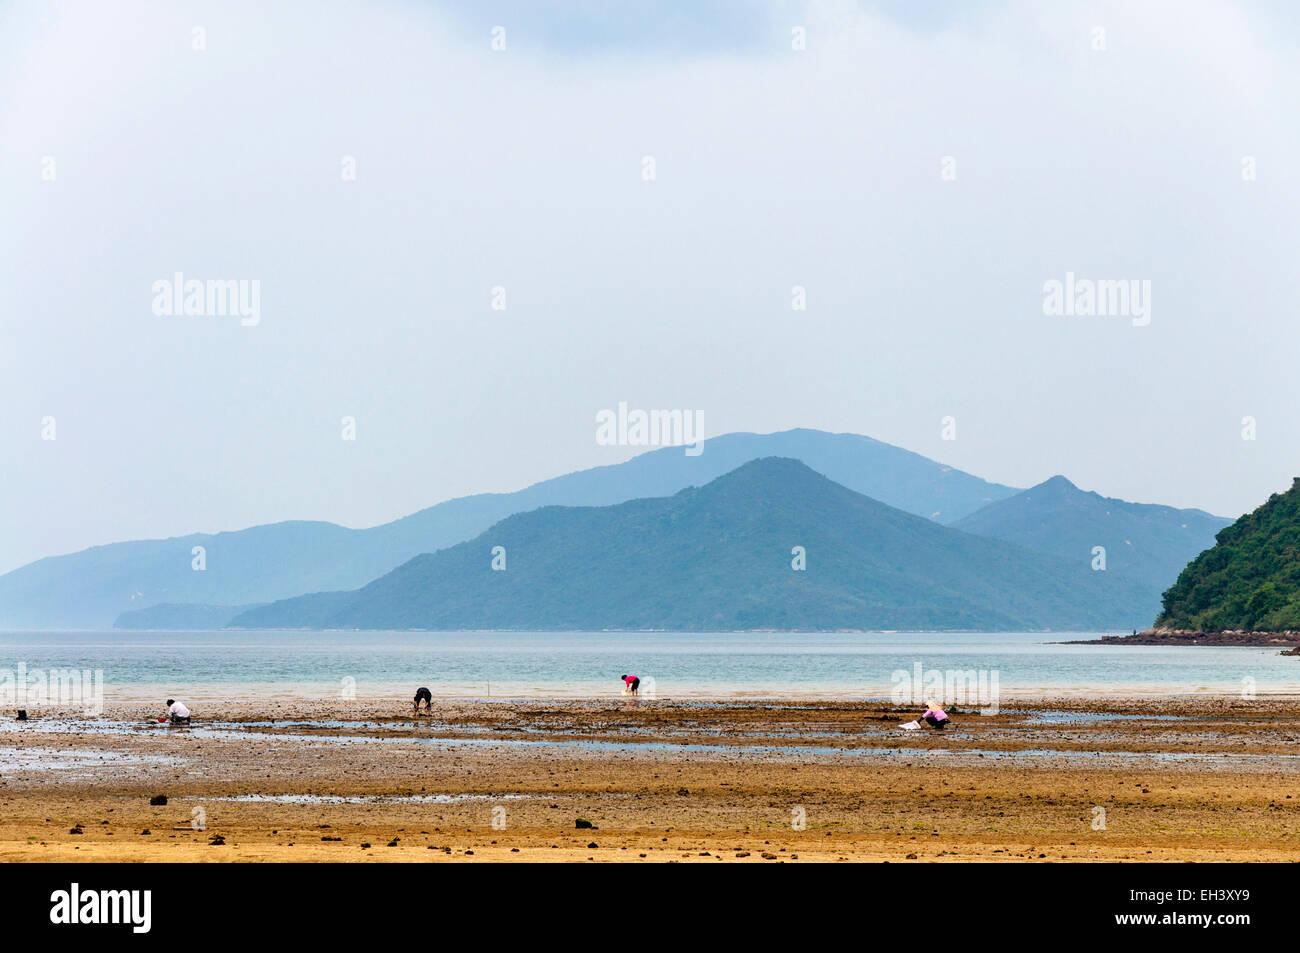 People digging for shellfish at Starfish Bay, New Territories, Hong Kong SAR - Stock Image